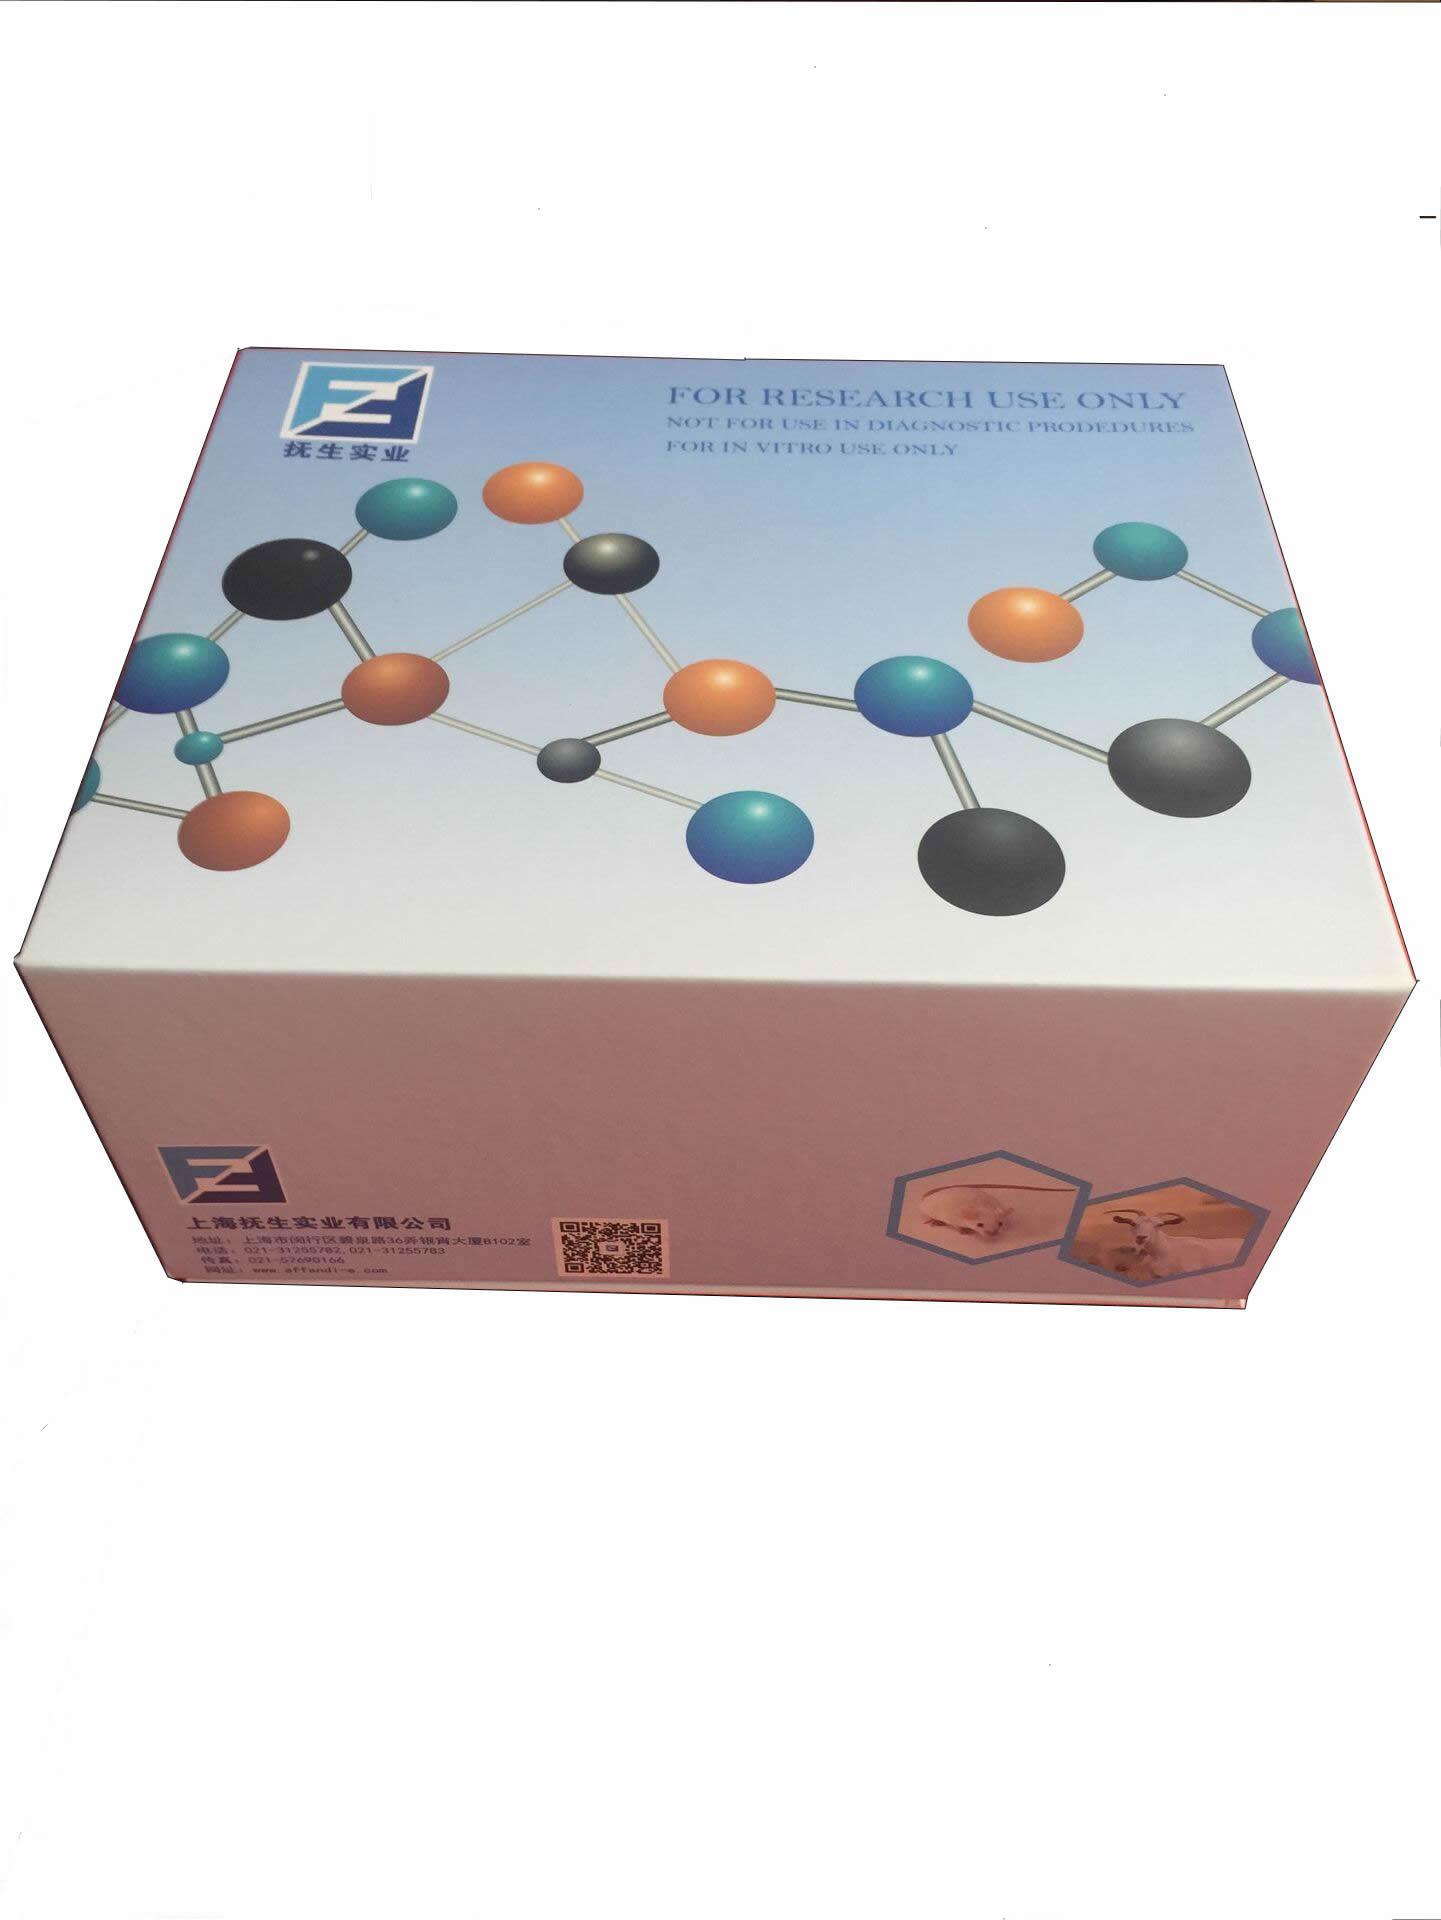 免疫球蛋白Fc段受体检测试剂盒